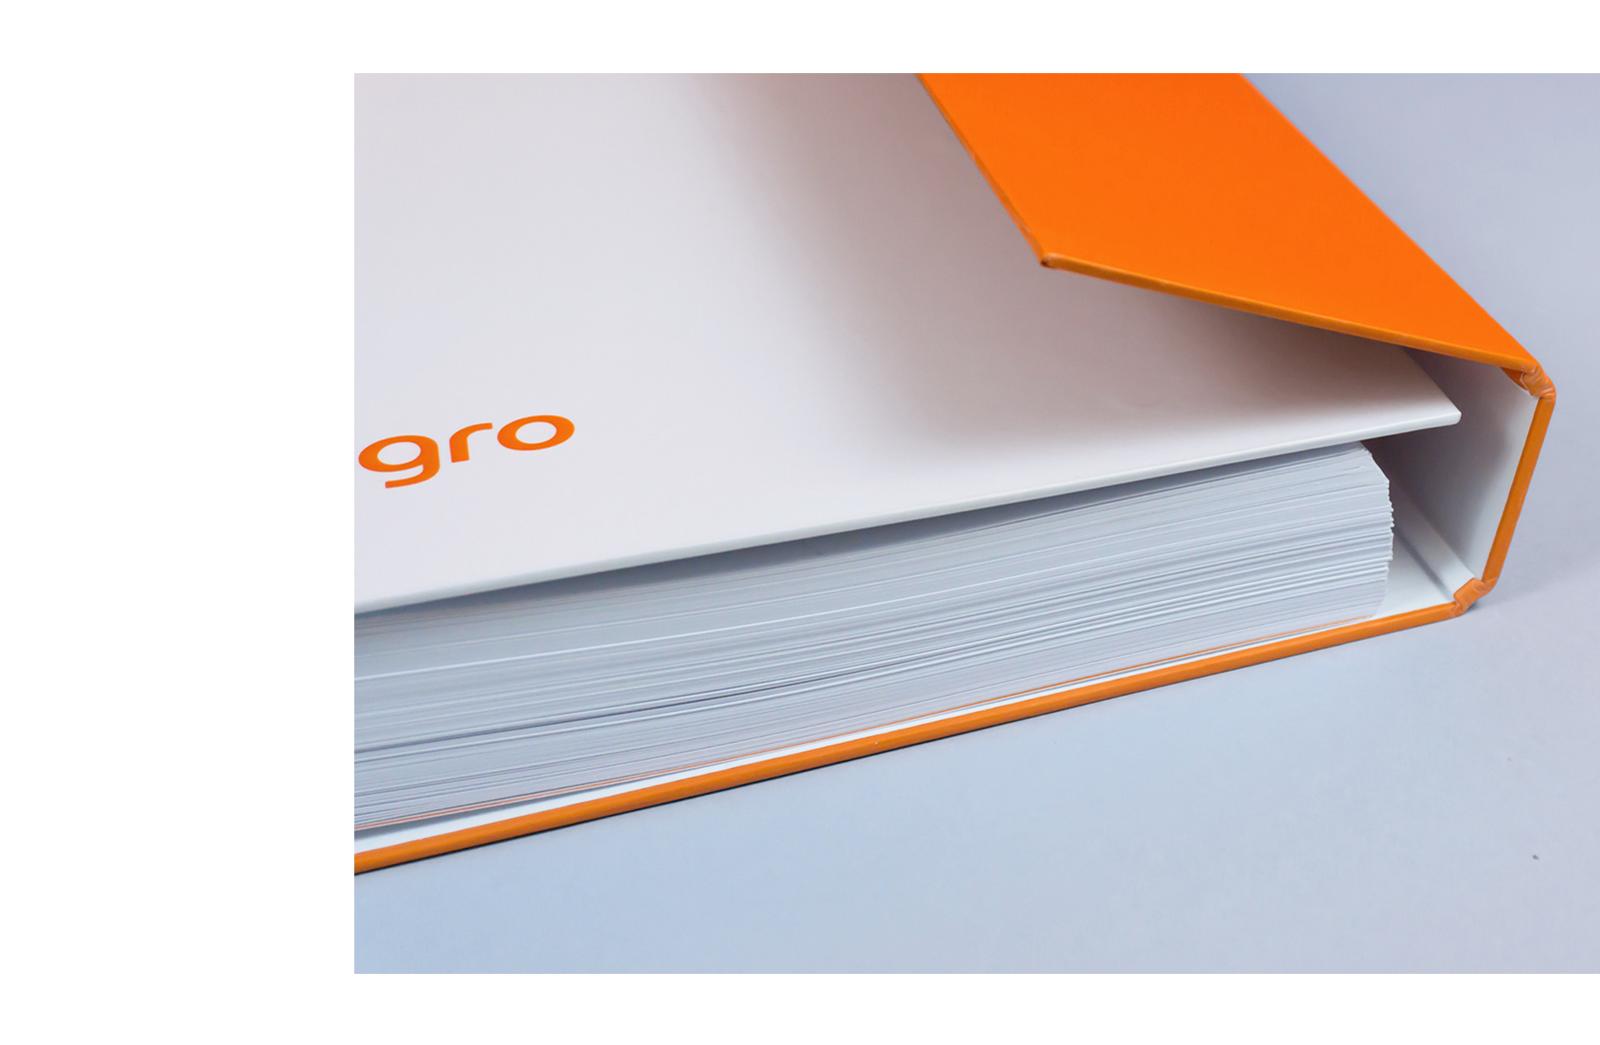 中国设计在线网站_Allegro购物网站品牌VI设计(2)-中国设计在线